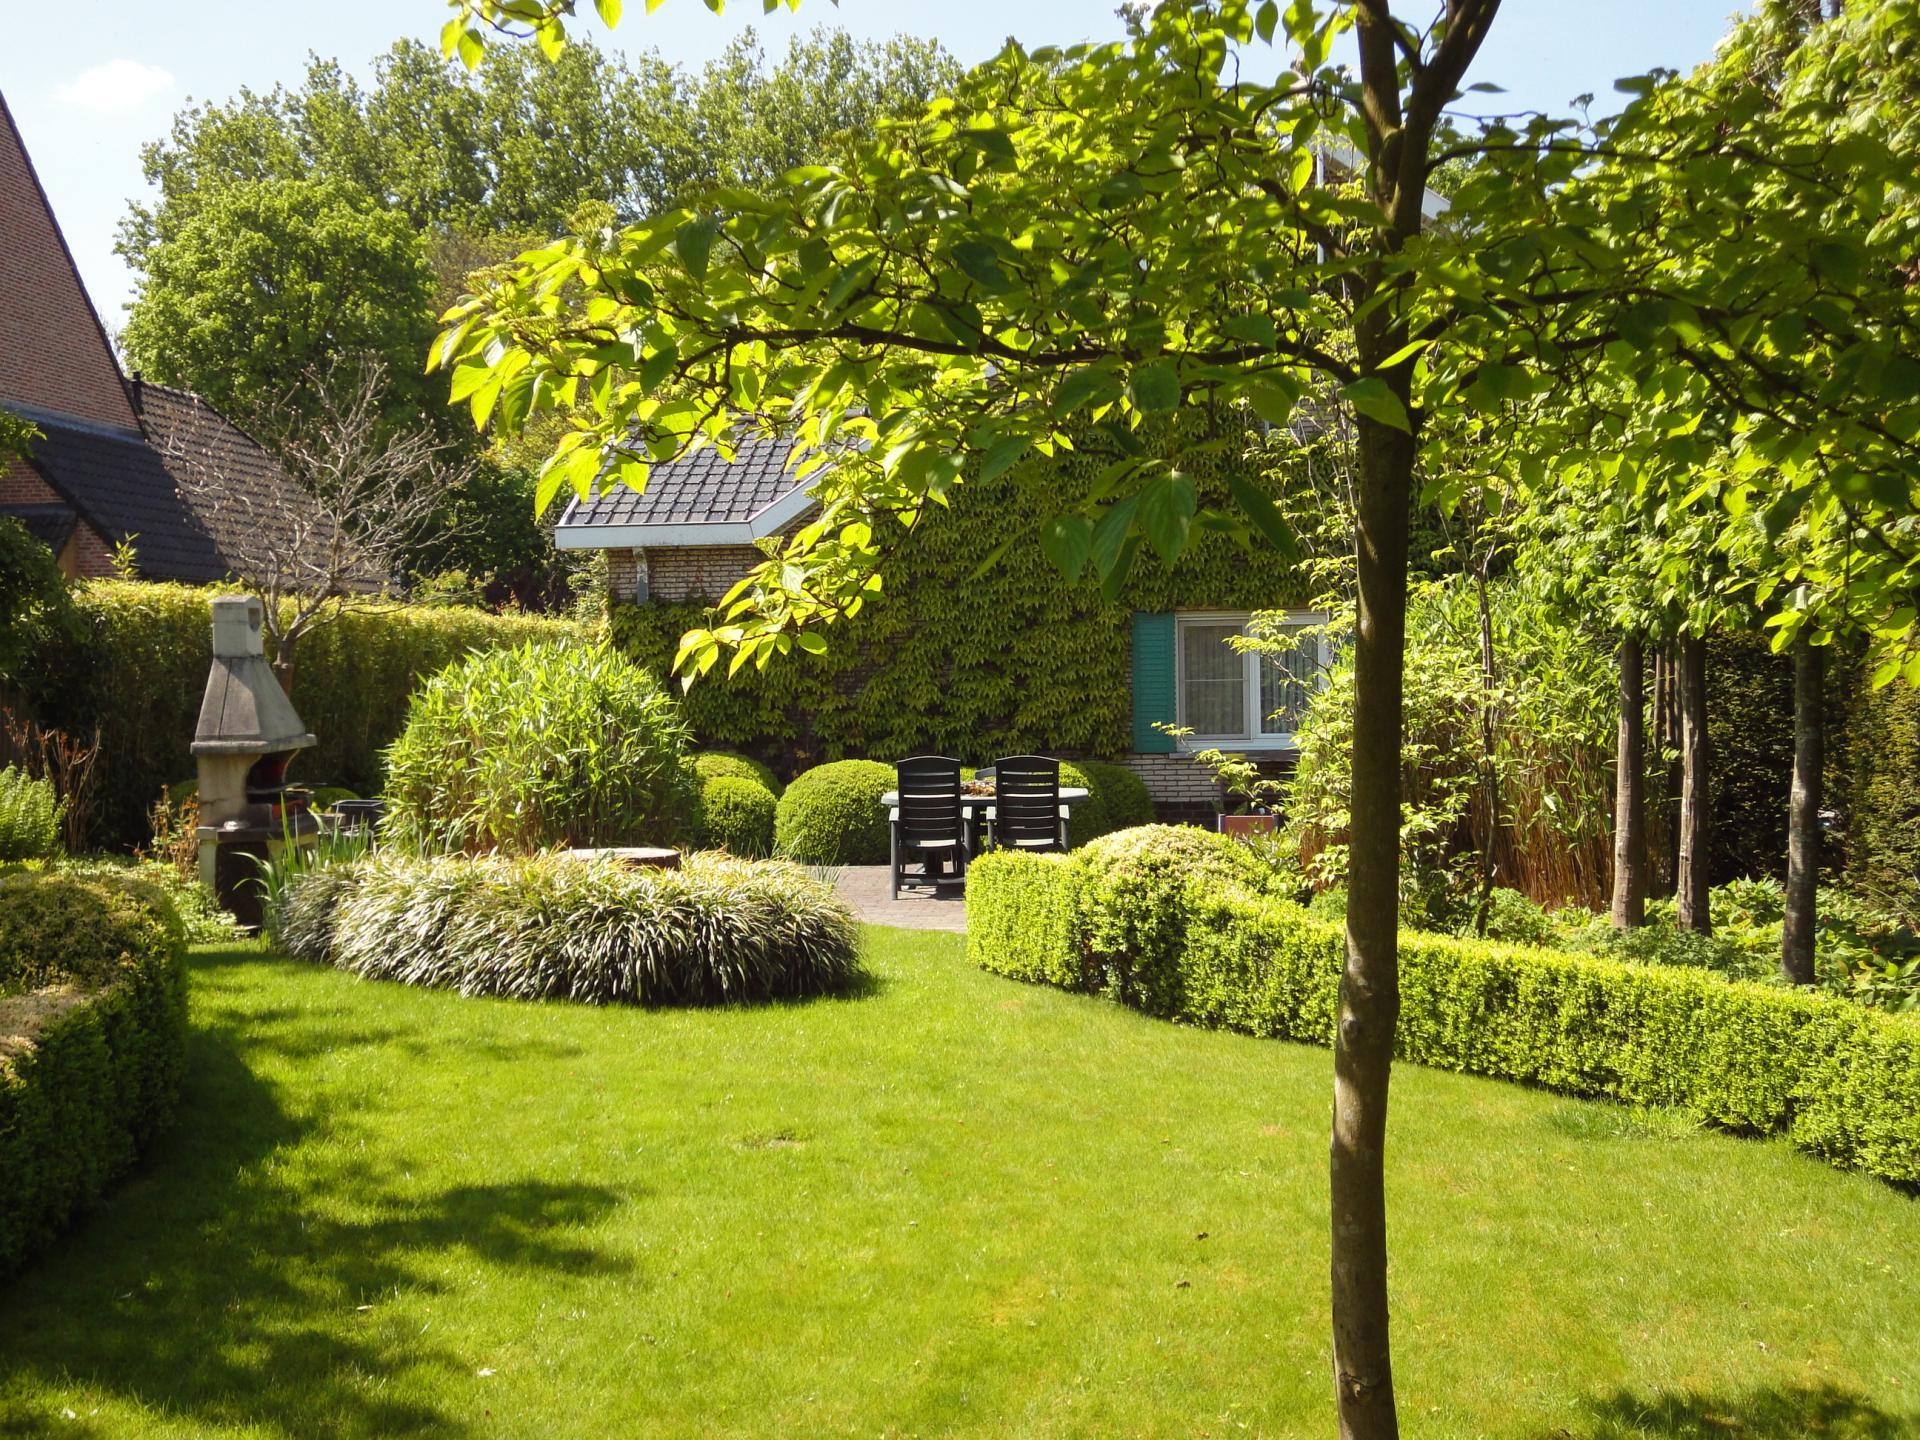 Prachtige villa met agrarisch zicht for Agrarisch bedrijf te koop gelderland